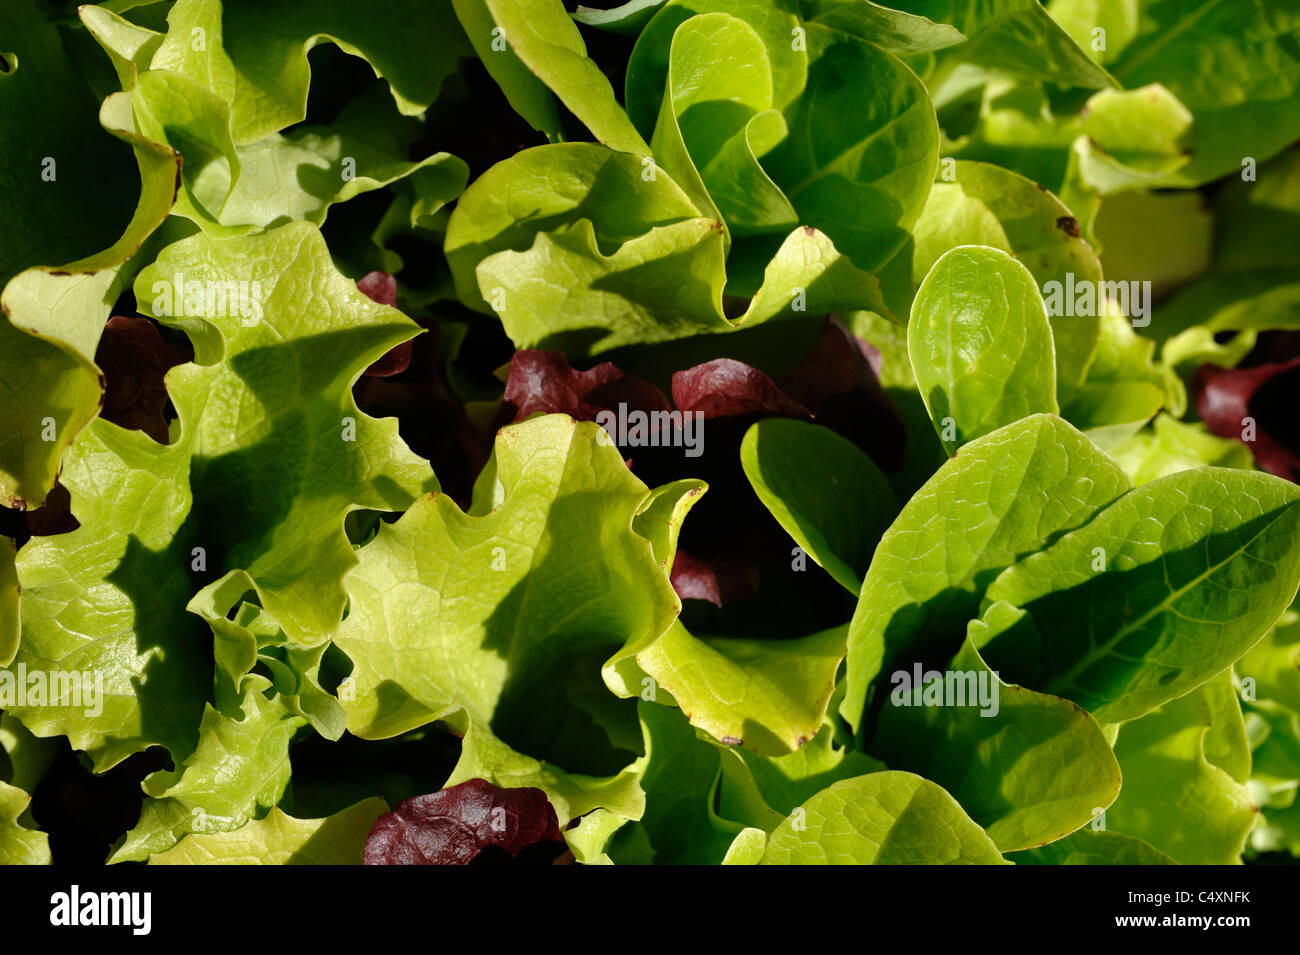 Lettuce leaves - Stock Image